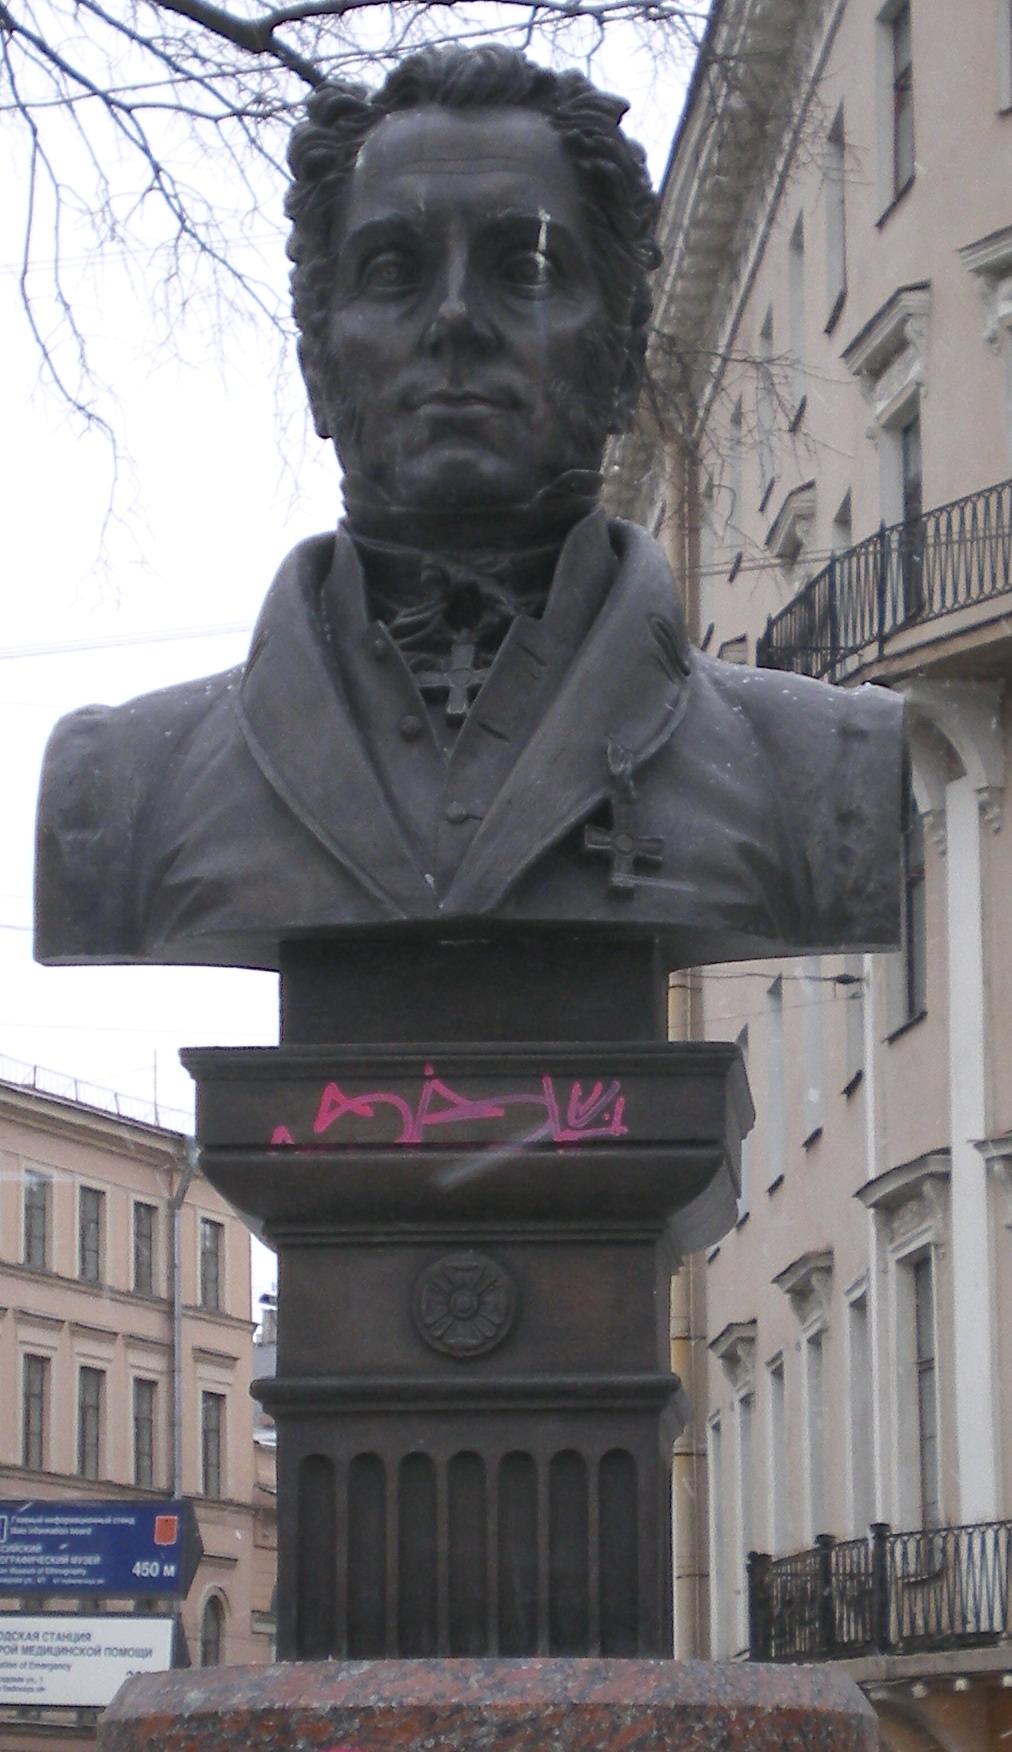 Бюст Росси в сквере Манежной площади, часть. Фото: Андрей!(Wikimedia Commons)